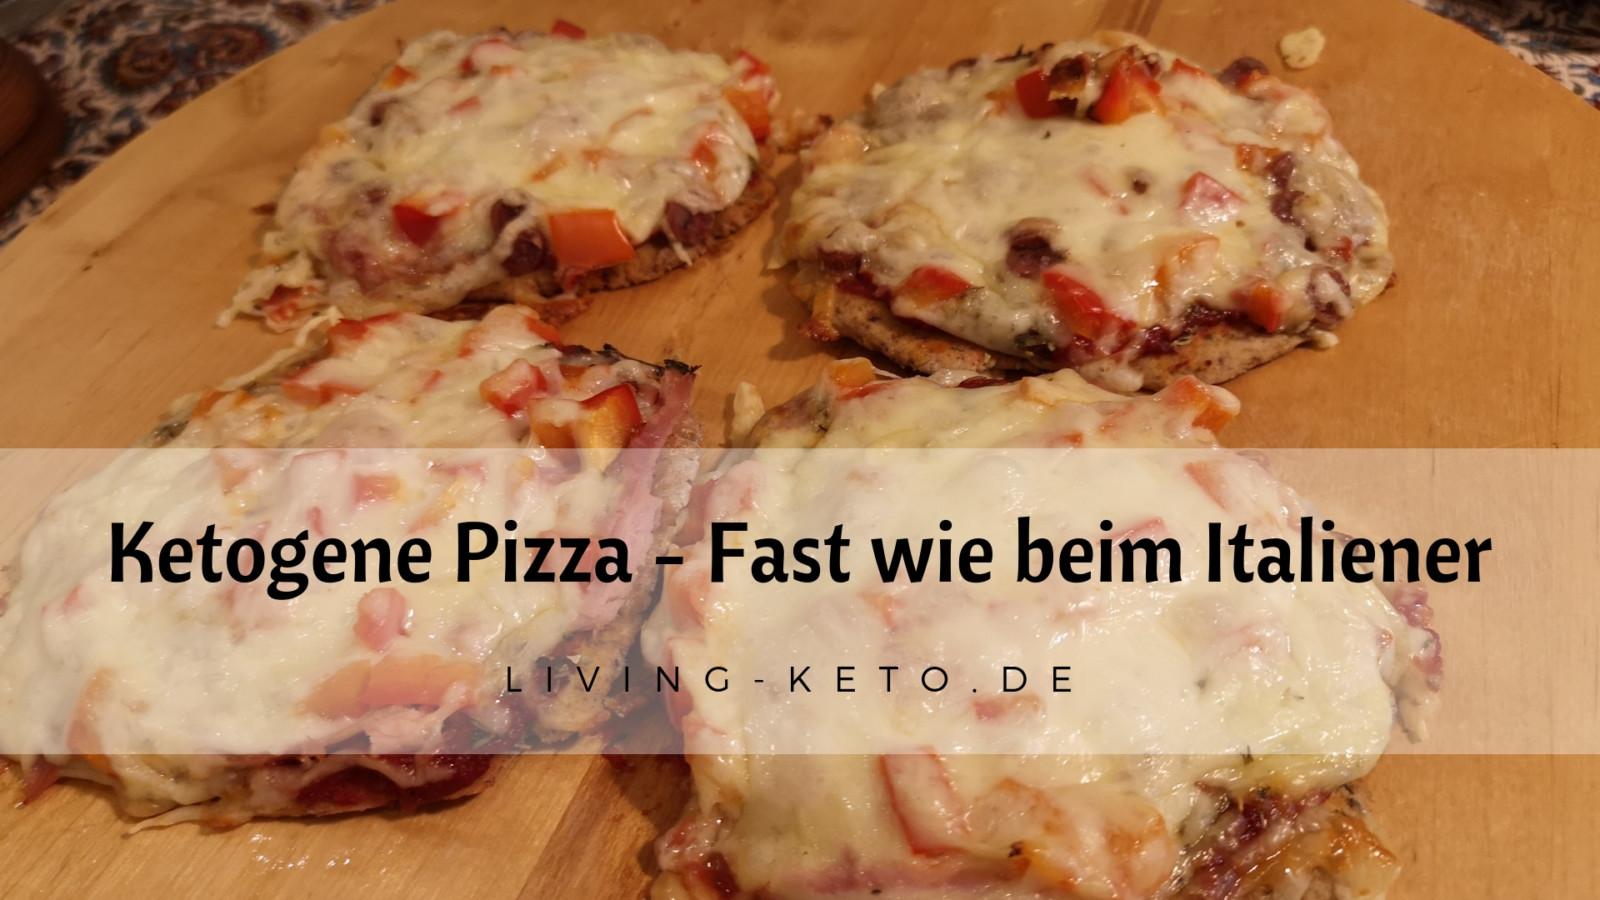 Ketogene Pizza – fast wie beim Italiener